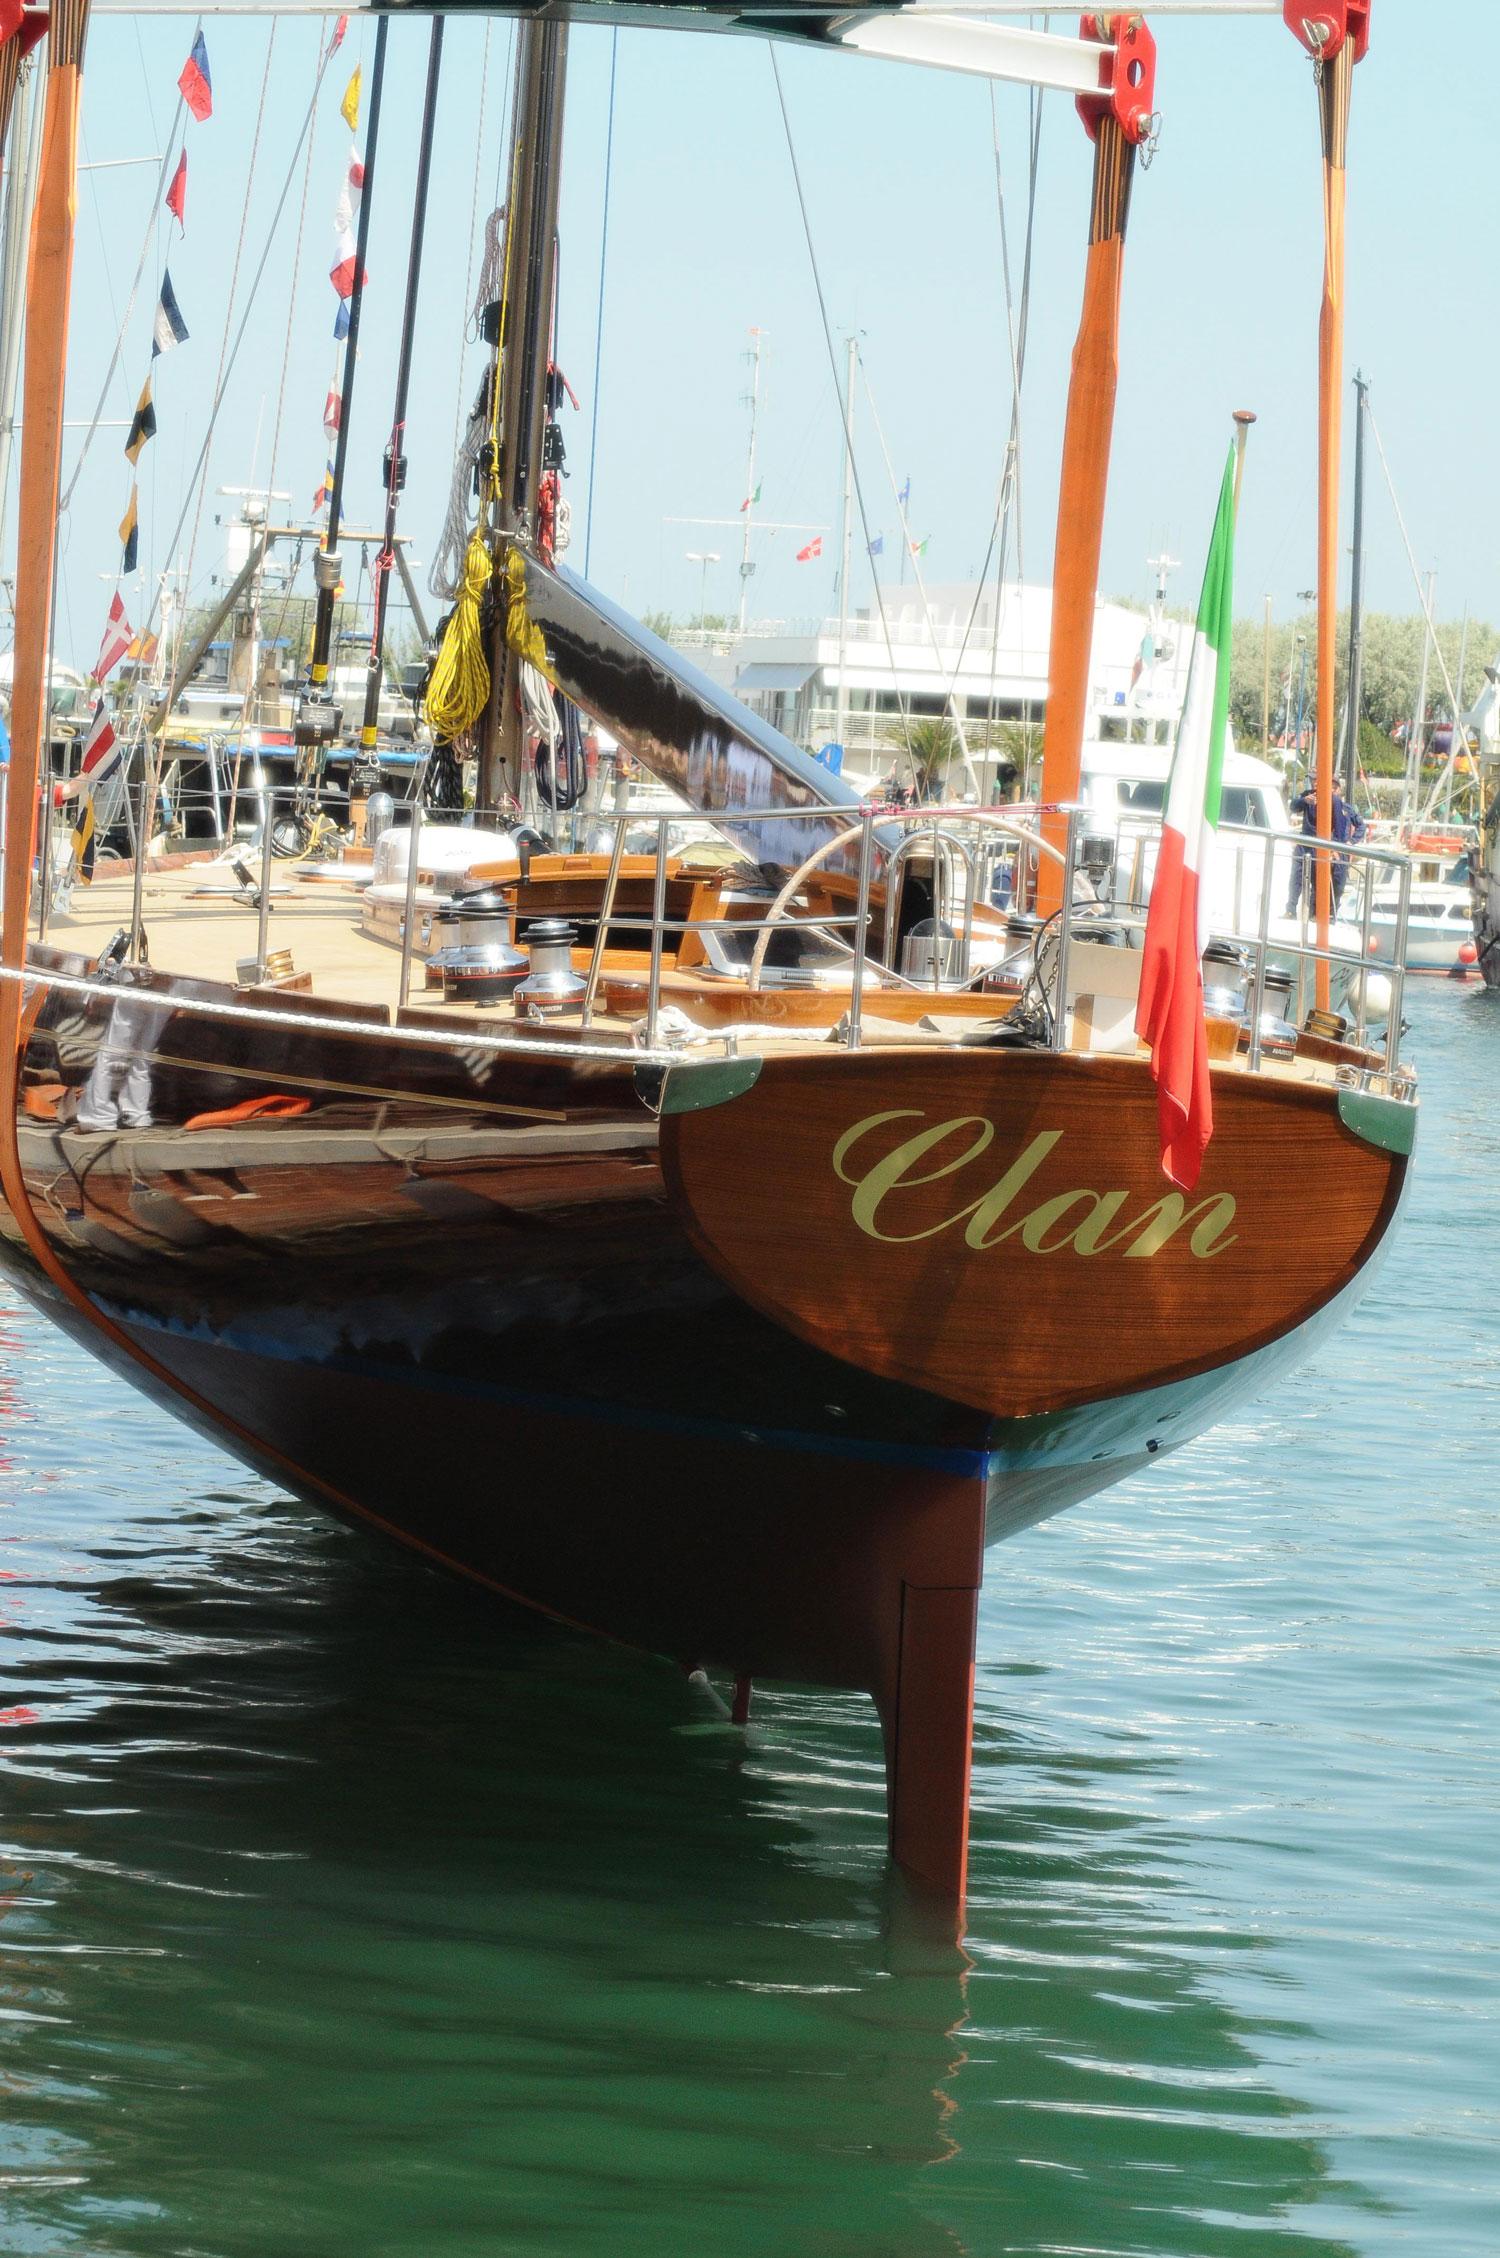 clan 2 barca carlini sciarrelli